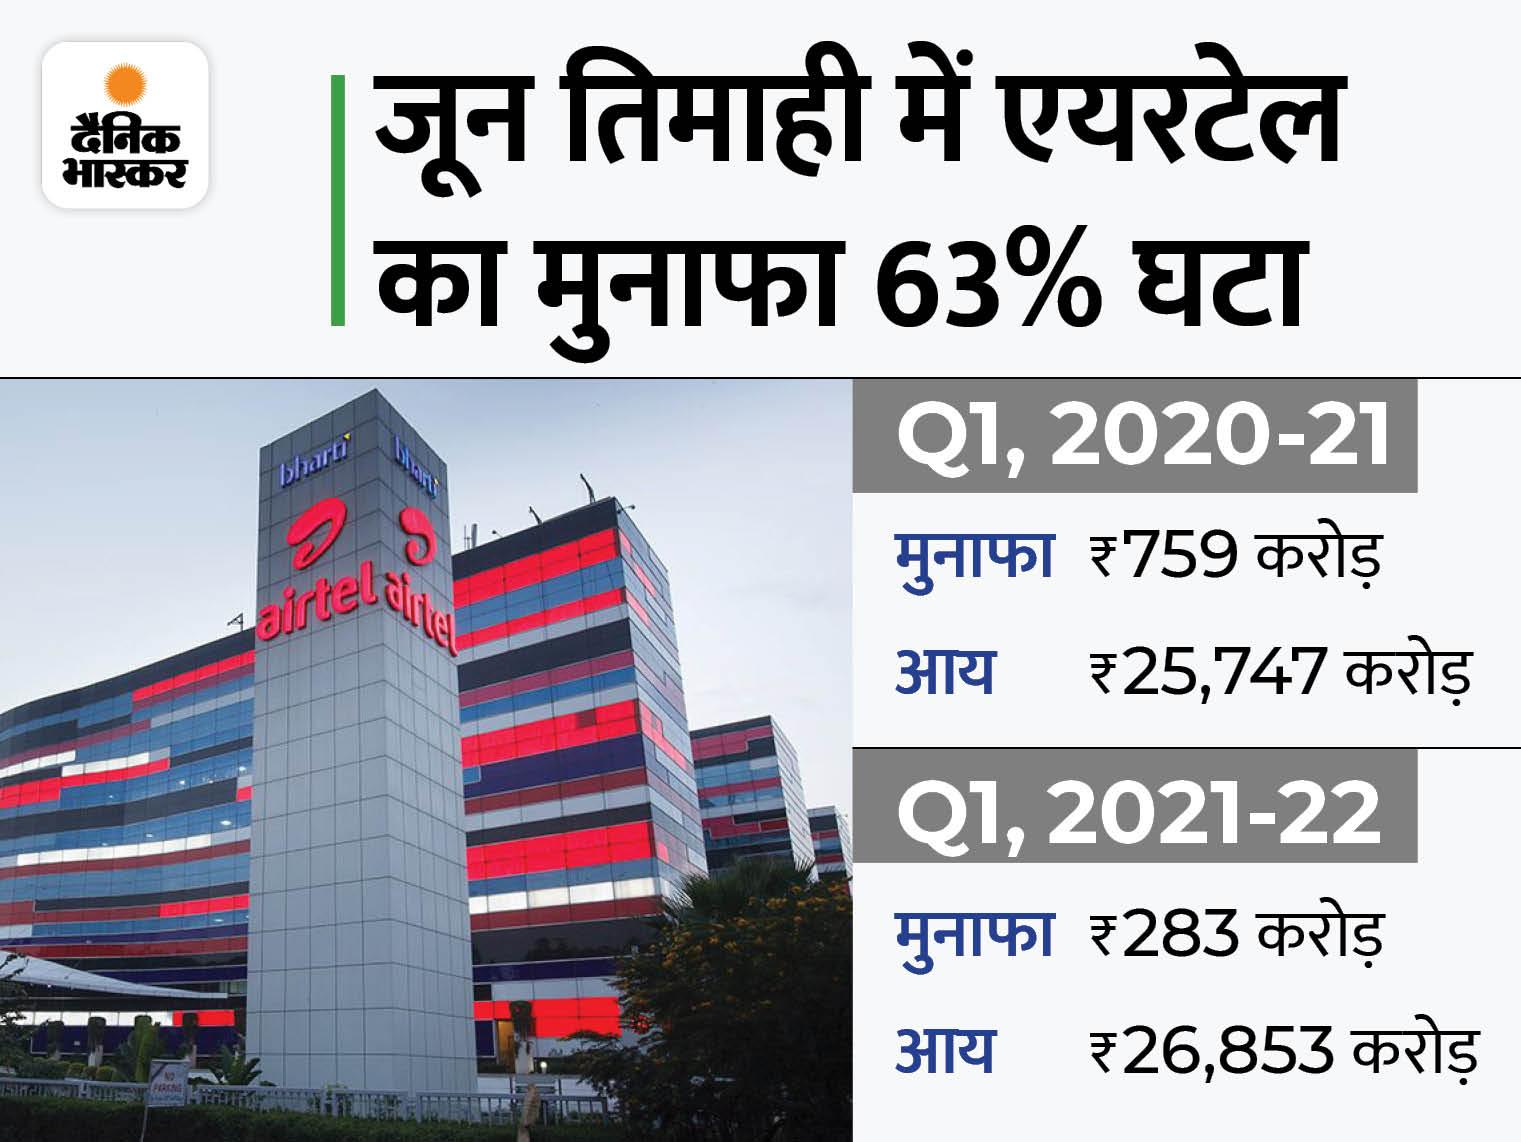 भारती एयरटेल का मुनाफा घटकर 283 करोड़ रुपए, रेवेन्यू में 4.29% की बढ़त|बिजनेस,Business - Dainik Bhaskar